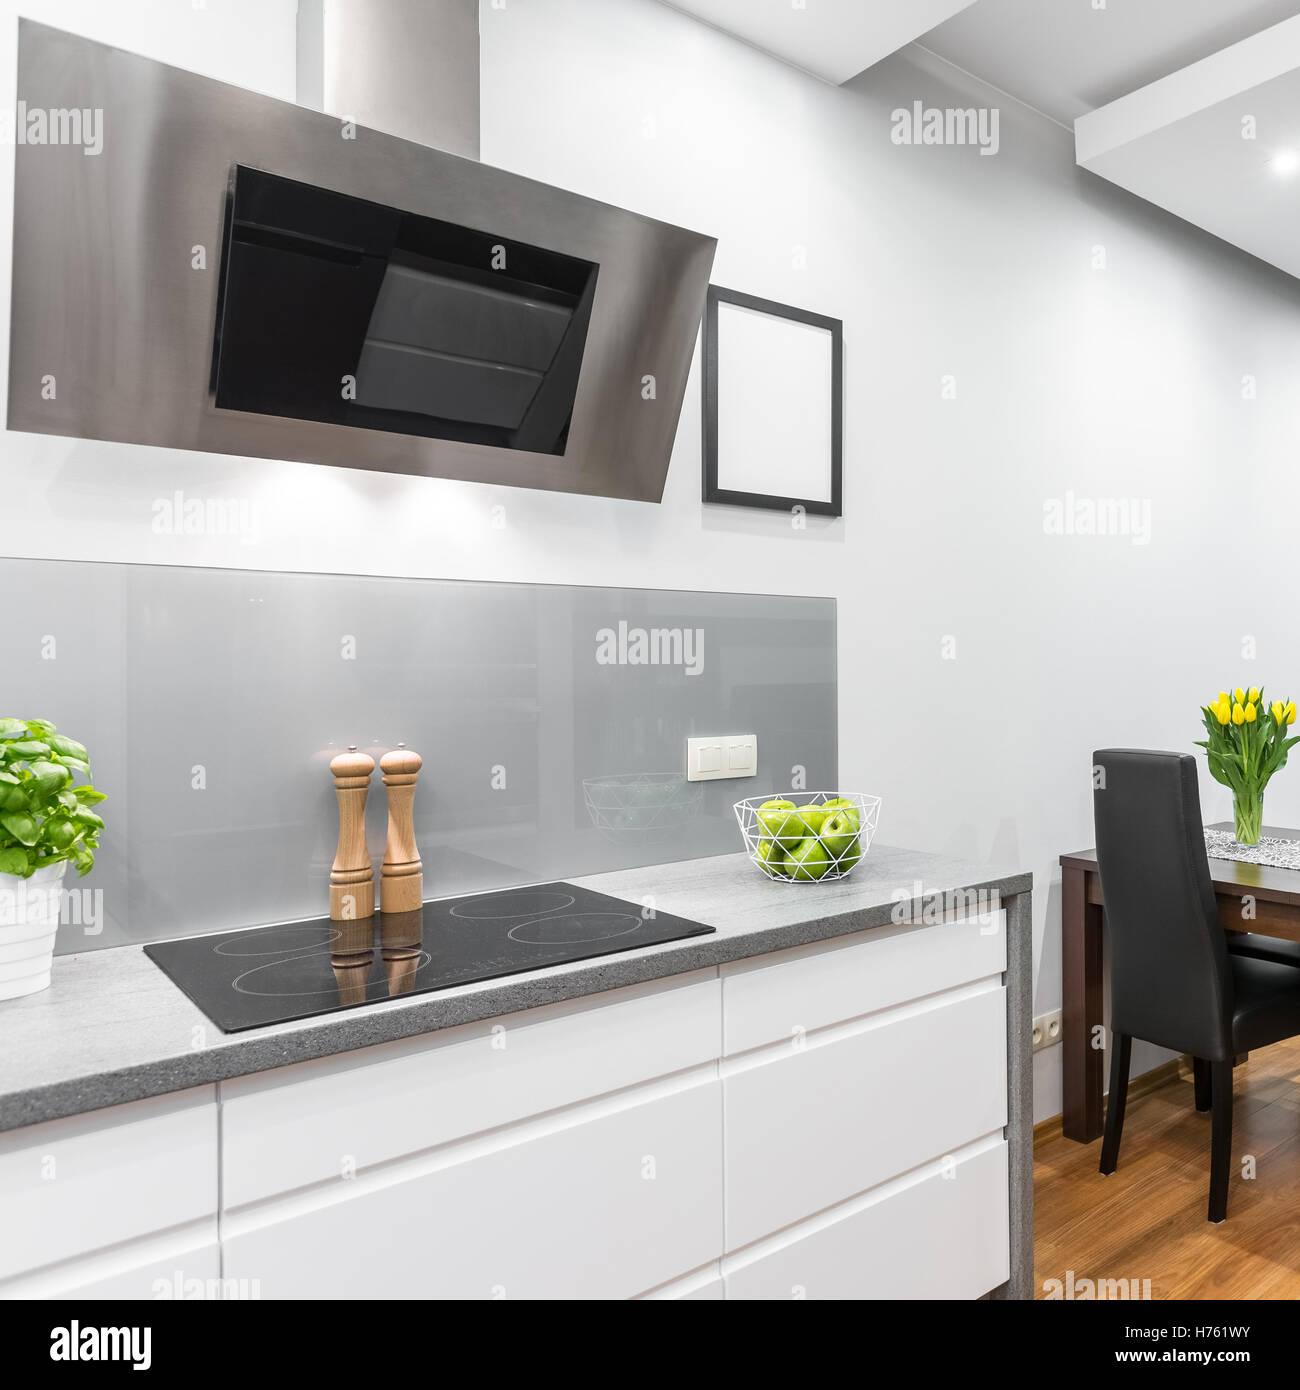 Cozinha Equipada Com Fog O De Indu O De Branco E A Coifa De